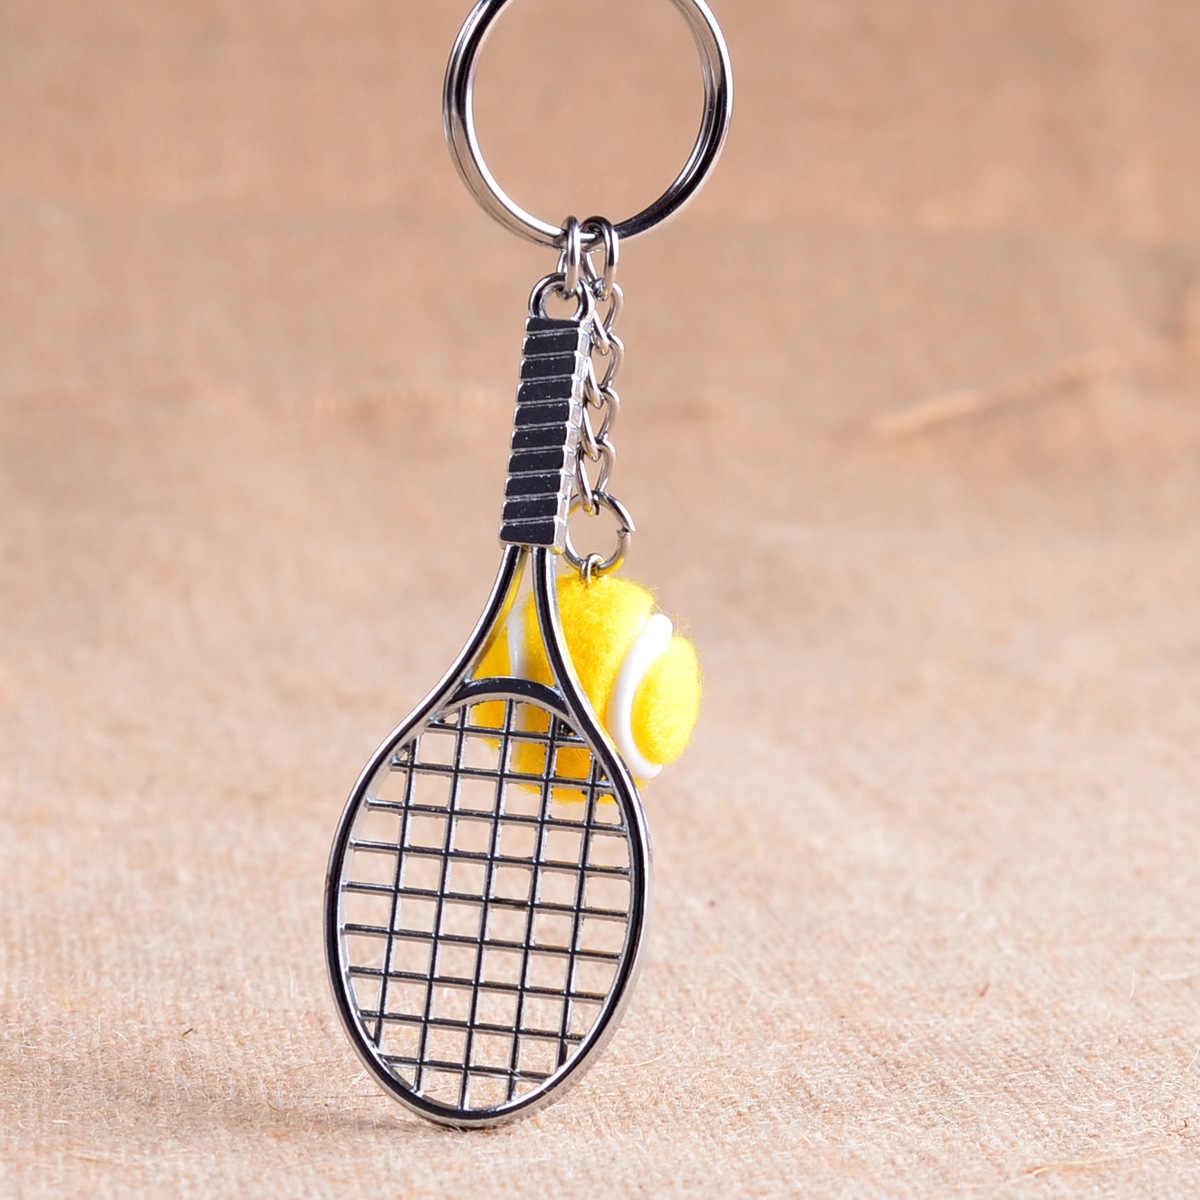 Mini de Metal Lembrança Bonito tenis Raquete De Tênis Raquete Bola Esportes Chian Bicicleta Carro Chaveiro Presente Simulação L770OLD